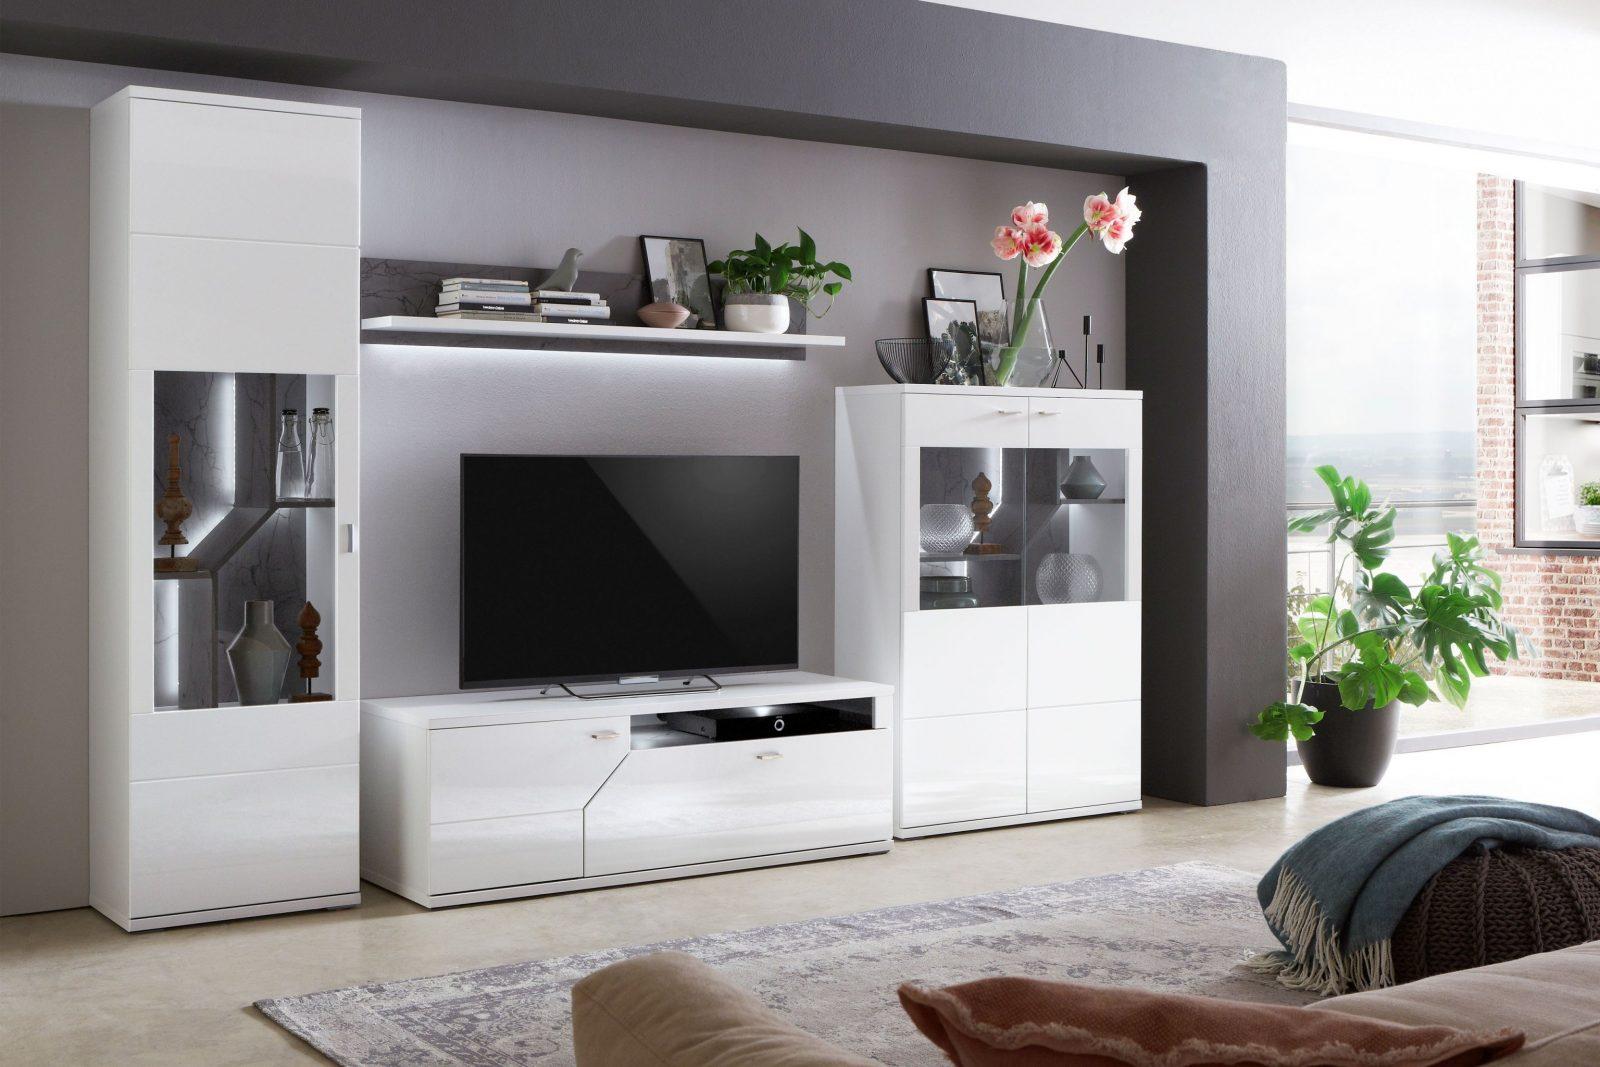 Ideal Möbel Wohnwand Taviano K35 Weiß Marmor  Möbel Letz  Ihr von Wohnwand Auf Rechnung Bestellen Bild